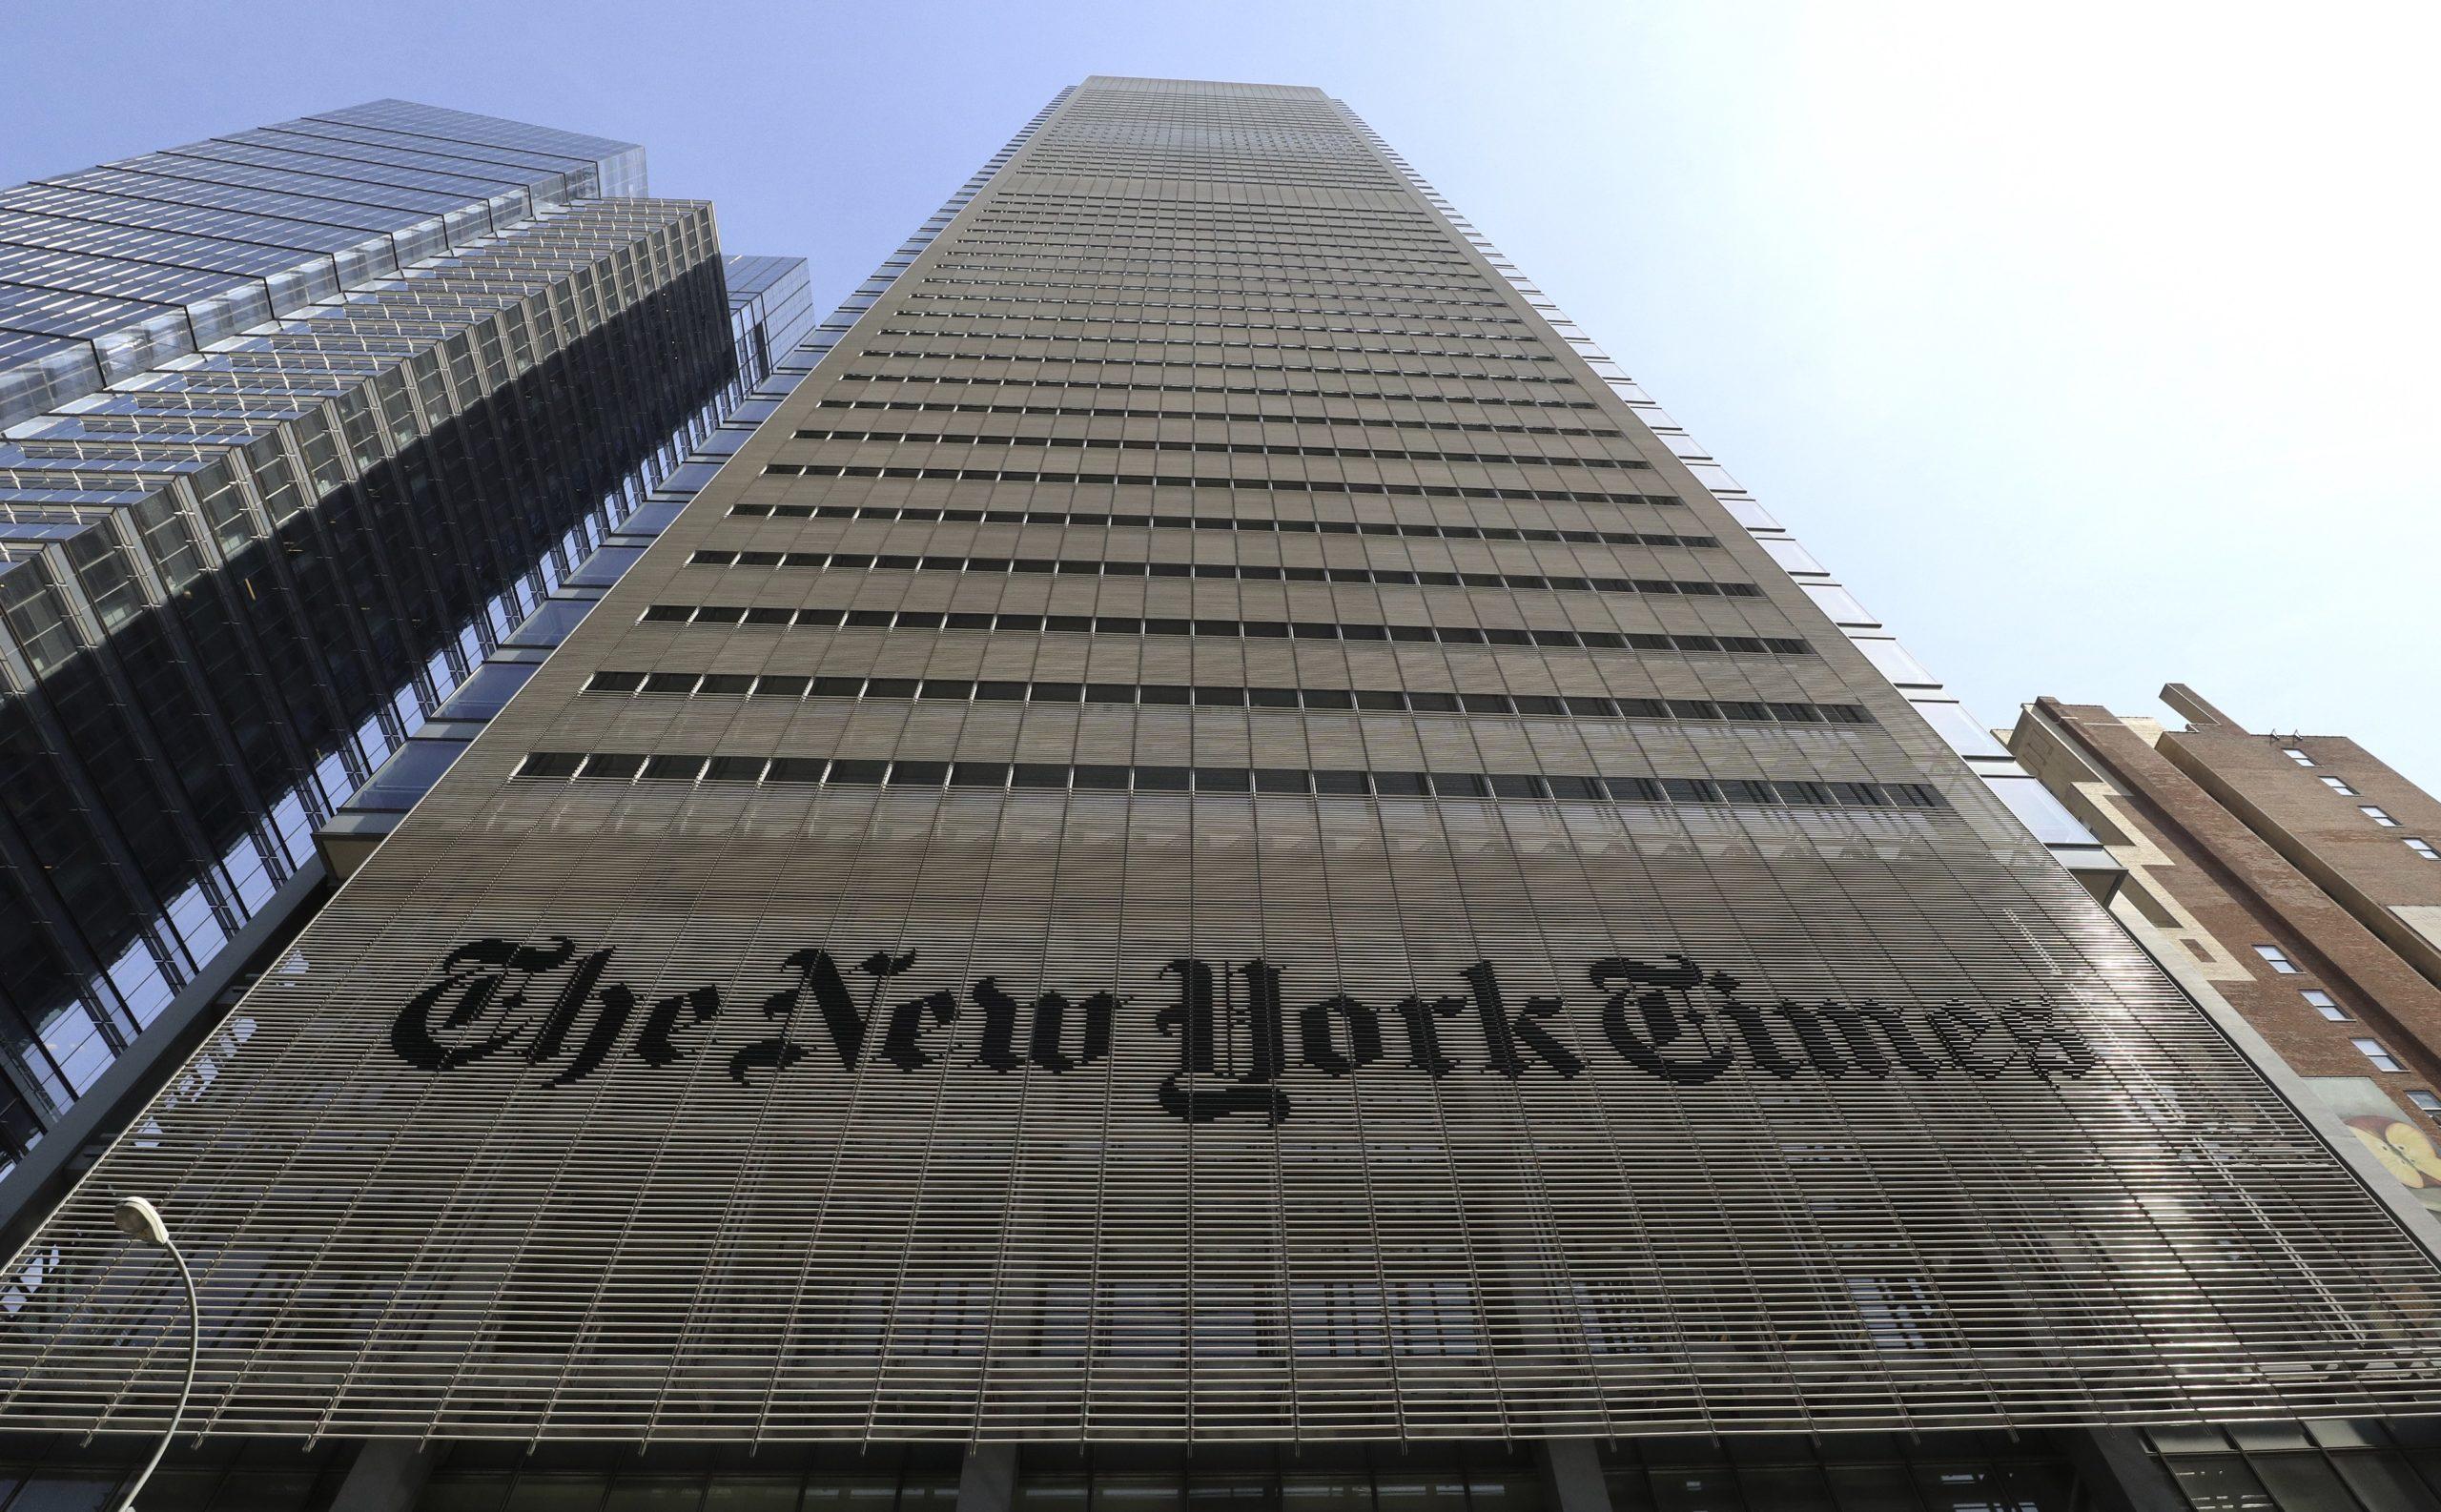 صحيفة نيويورك تايمز تنشر تفاصيل مشروعها المعتمد على تقنية البلوكشين